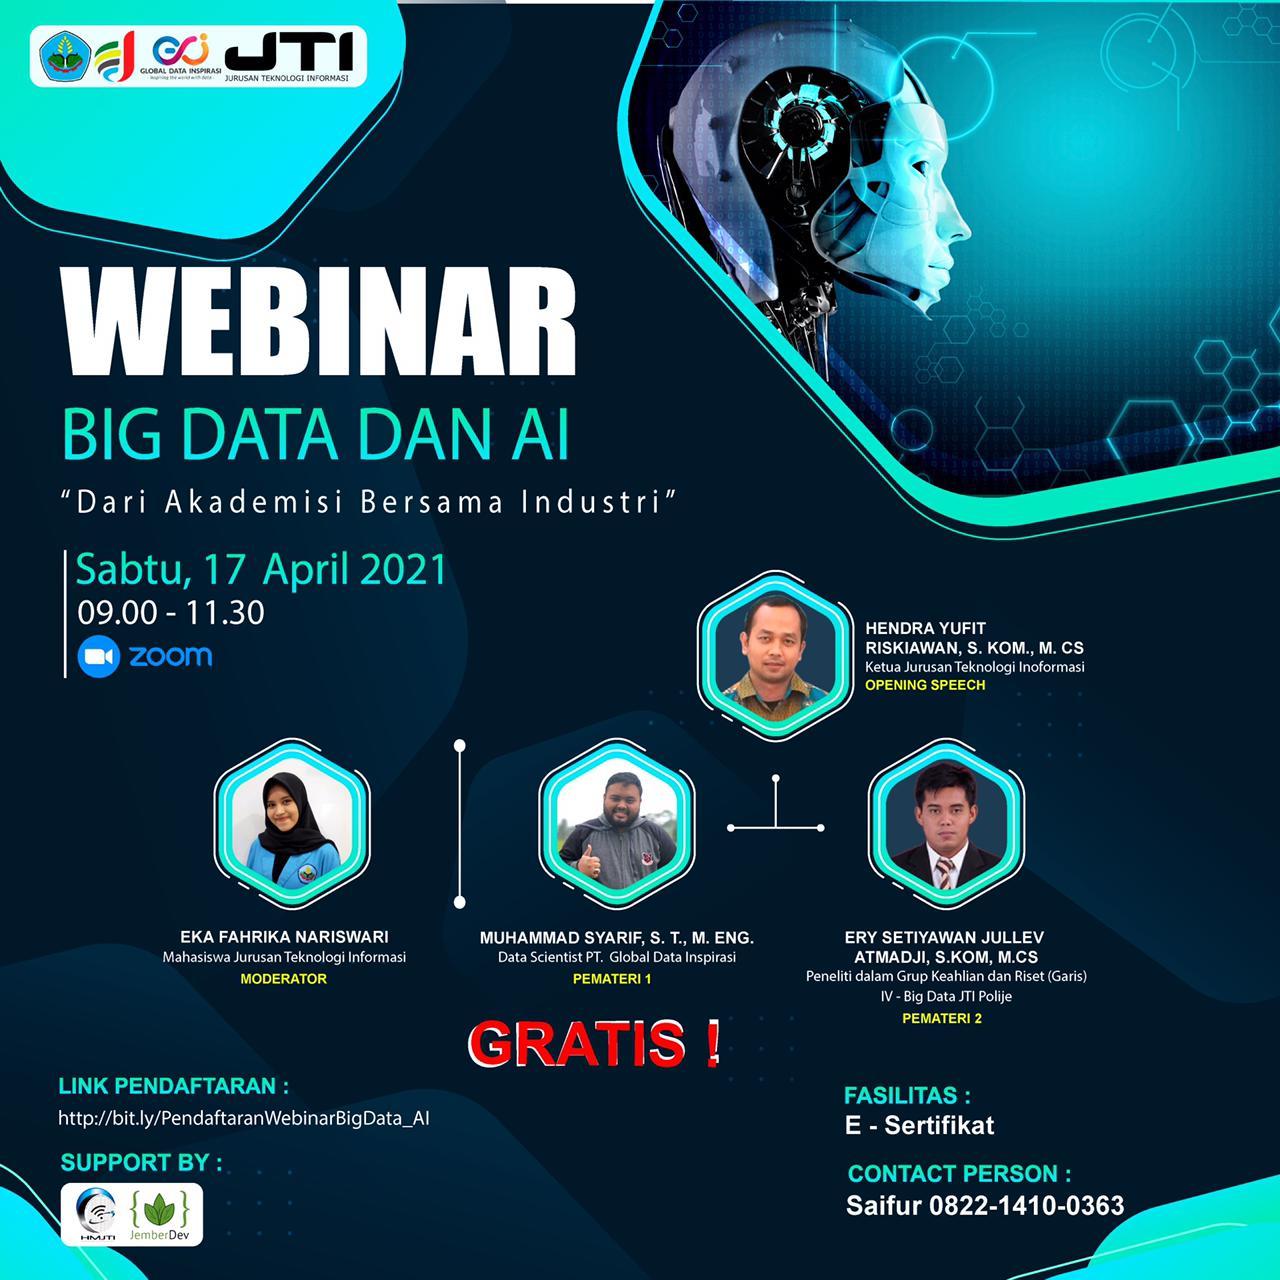 Berkolaborasi dengan Datains ID, HMJTI Polije sukses selenggarakan Webinar tentang Big Data dan AI